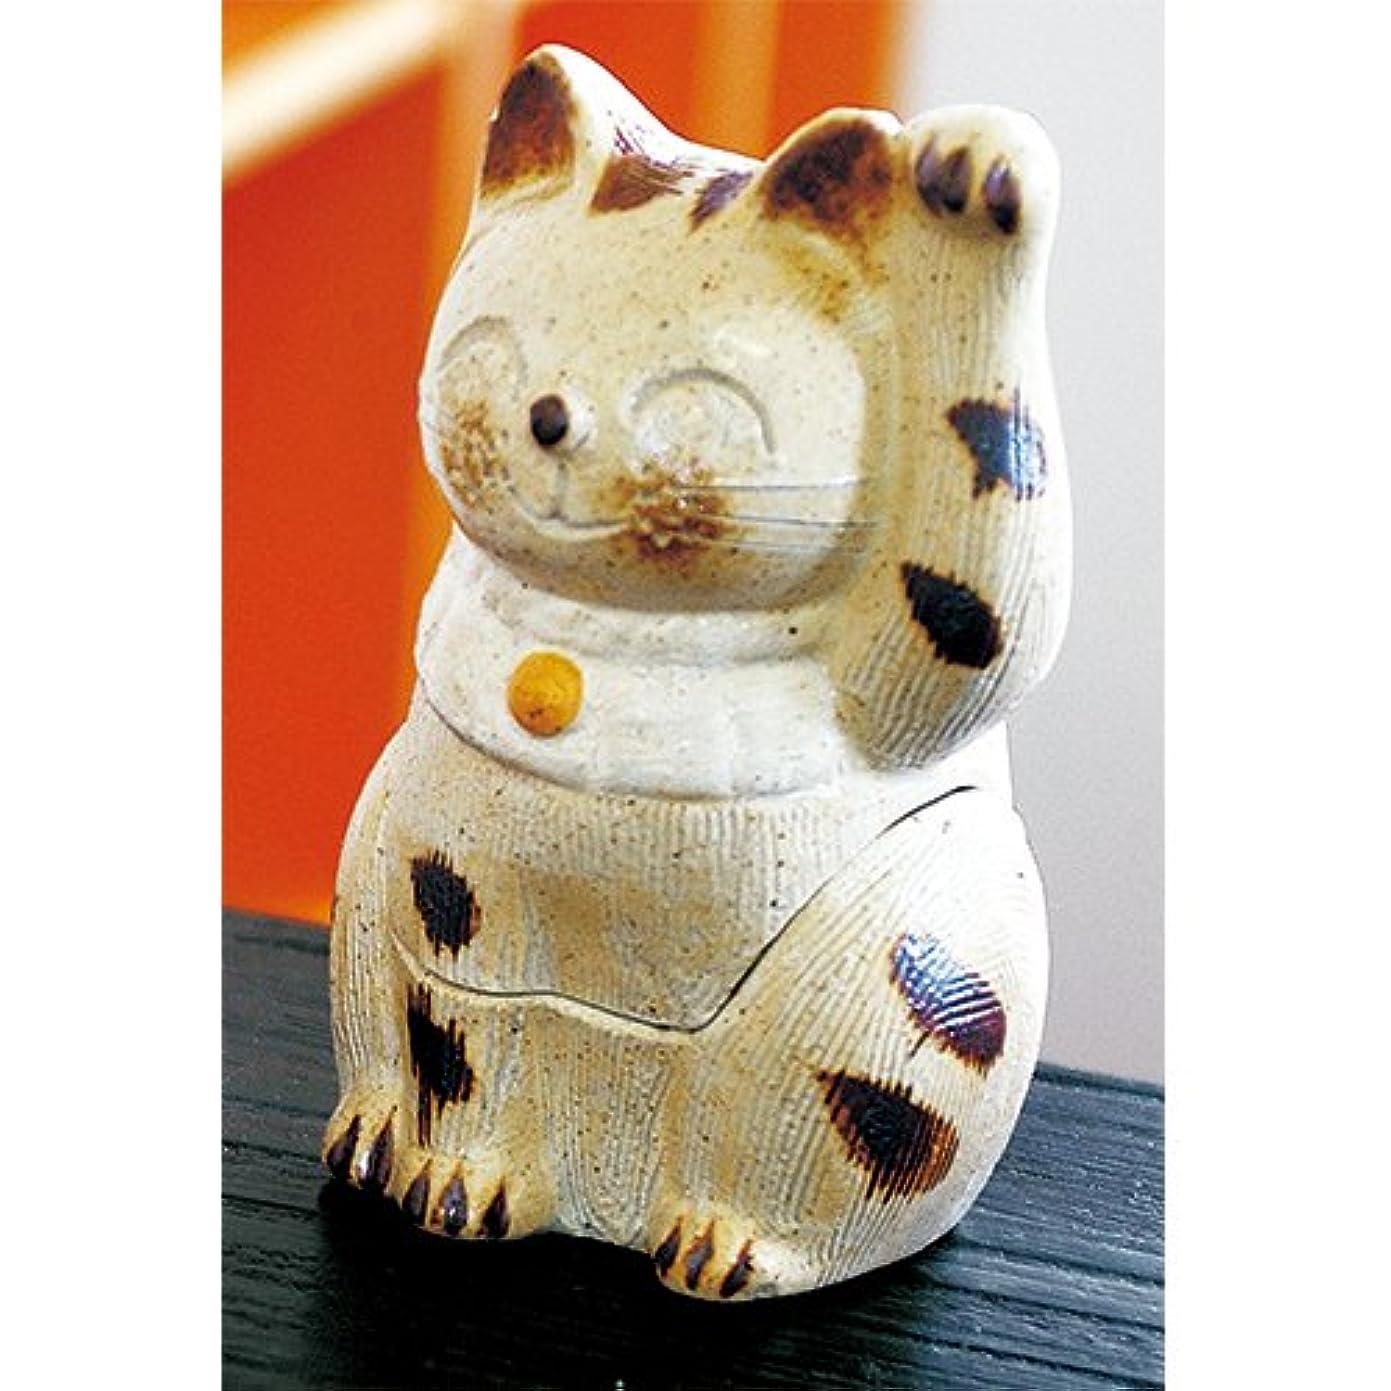 音楽家ヘルメット消毒する香炉 ひとまねき猫 香炉(小) [H9.5cm] HANDMADE プレゼント ギフト 和食器 かわいい インテリア